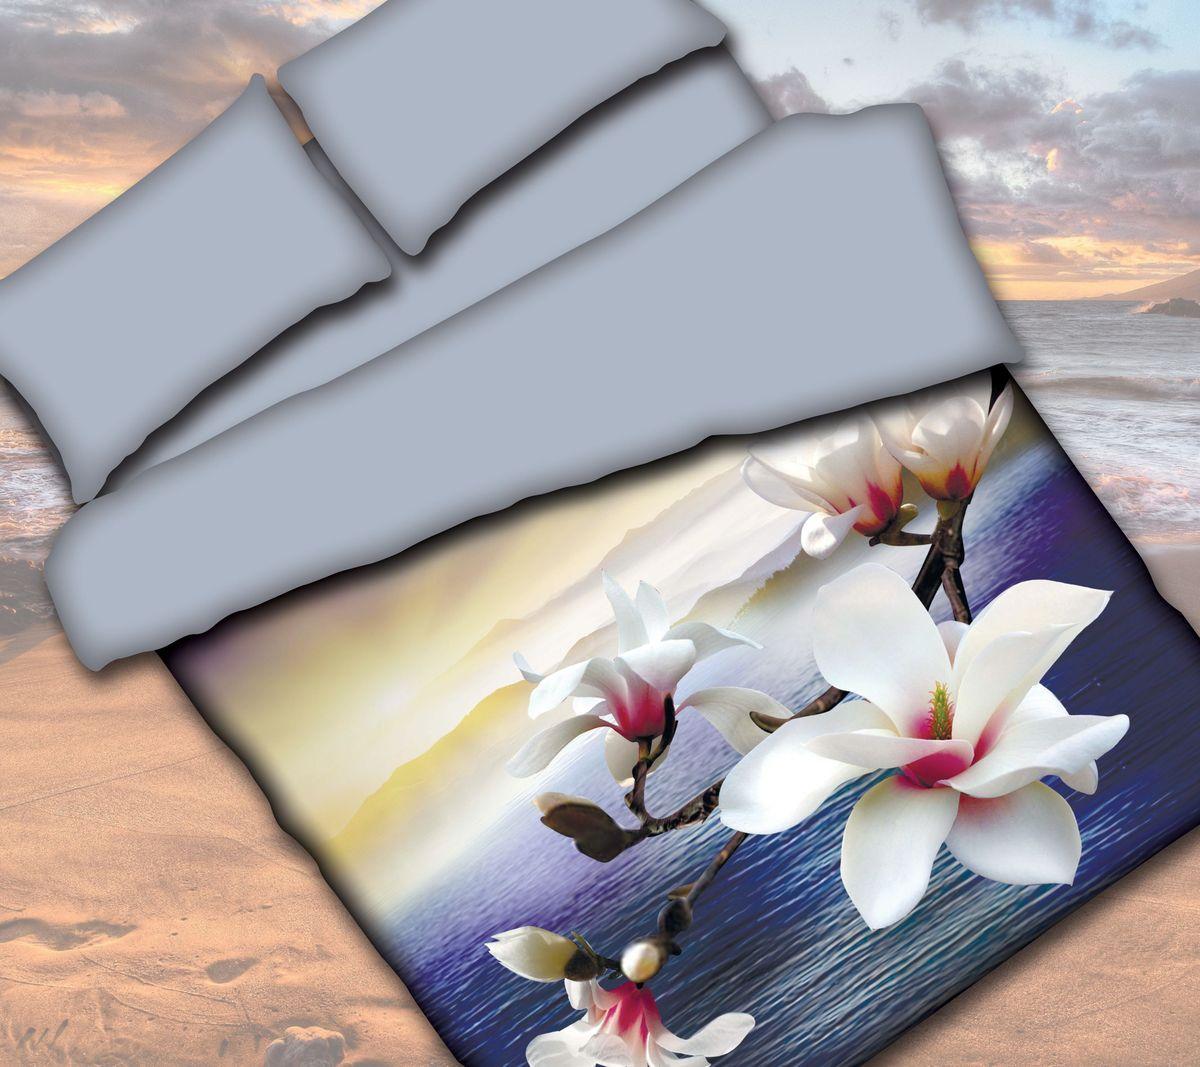 Комплект белья Коллекция Орхидея, 2-спальный, наволочки 50x70. СРП2/50/ОЗ/орхСРП2/50/ОЗ/орх